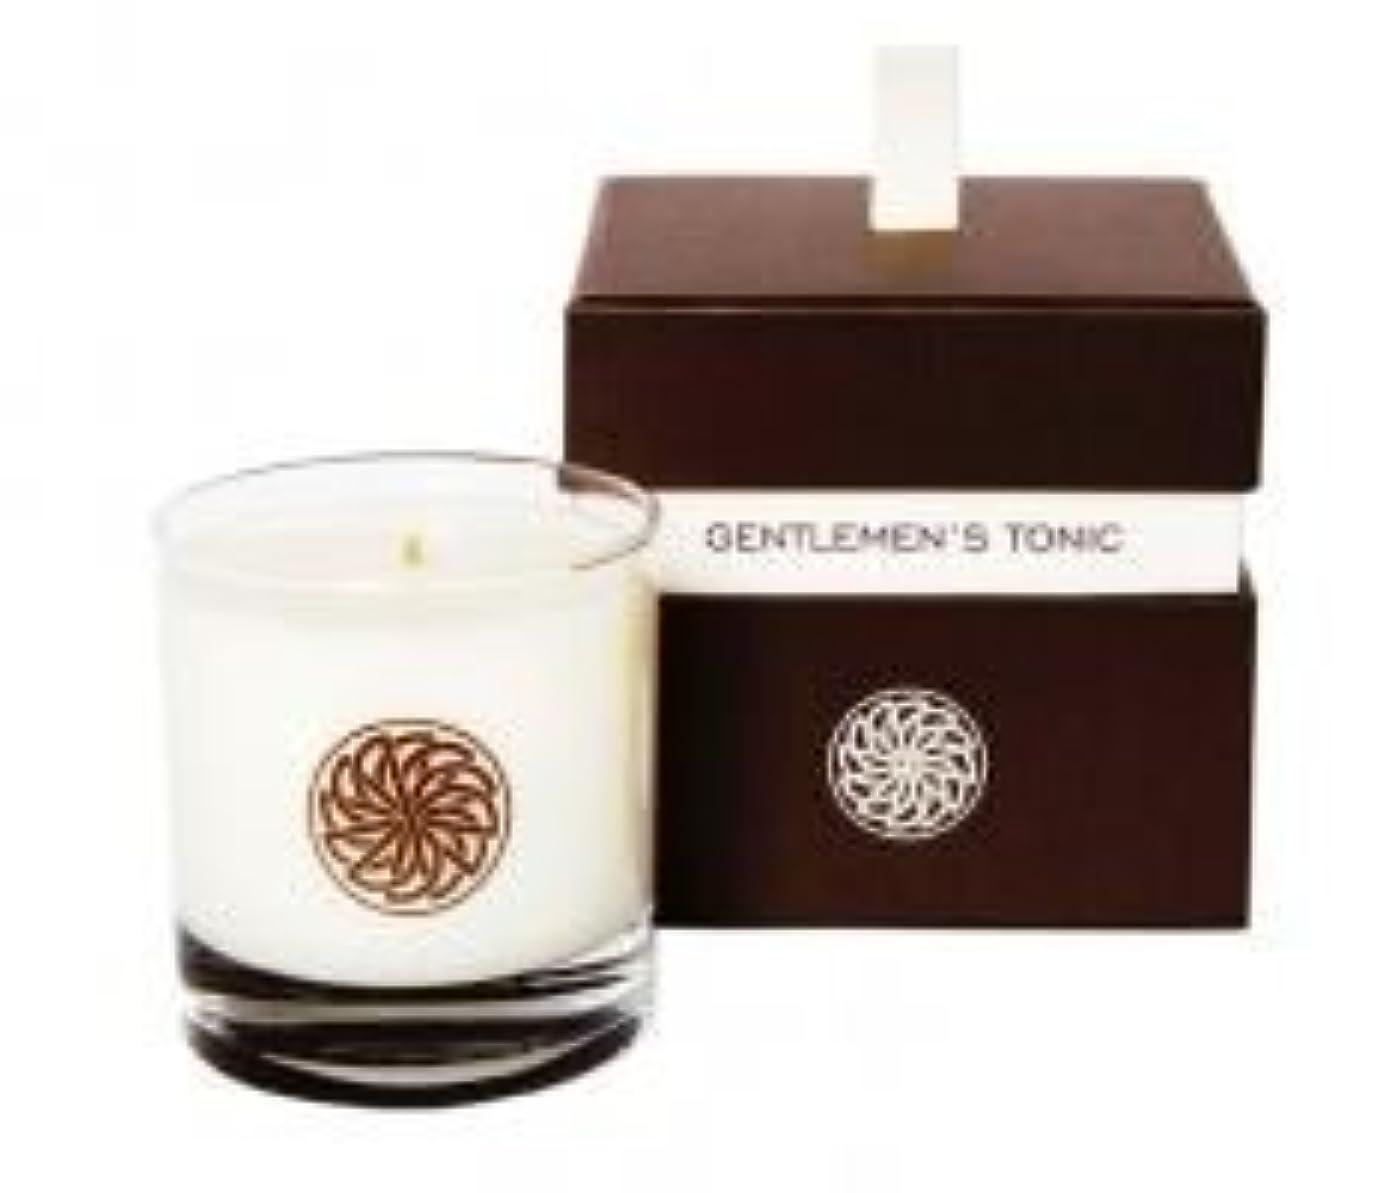 無駄だ耳息切れGentlemen's Tonic ジェントルメンズトニック Gift Candle Box (ギフトキャンドルボックス) 300g